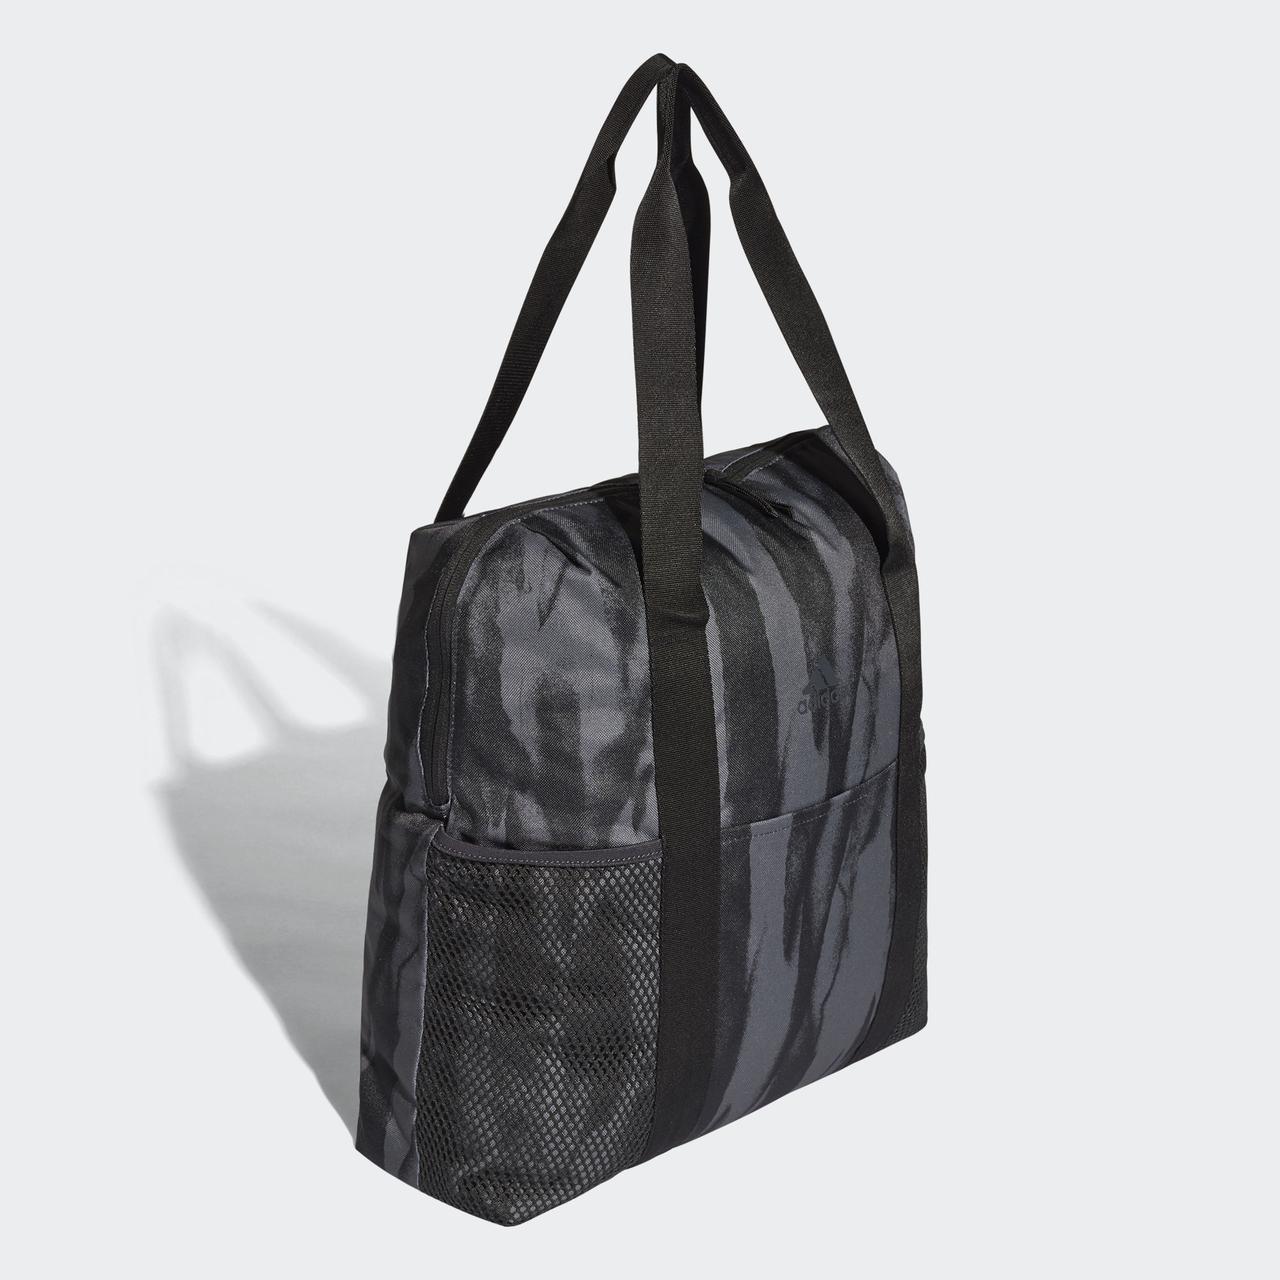 8ffdf10e Спортивная сумка Core Graphic: продажа, цена в Харькове. сумки и ...